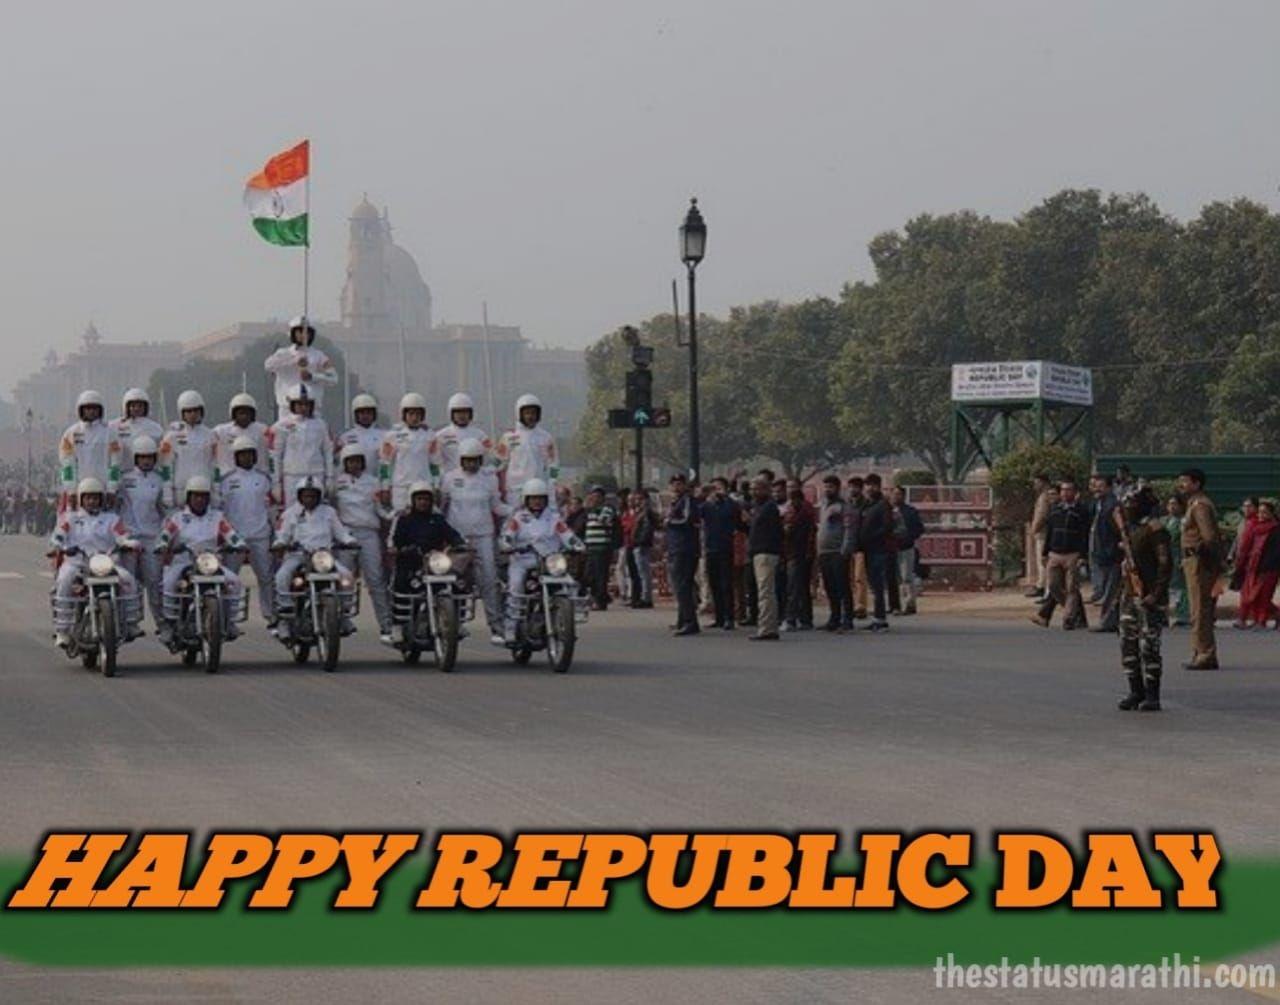 26 January 2021 Republic Day Images In 2021 Republic Day Image Day 26 january 2021 image marathi shayri